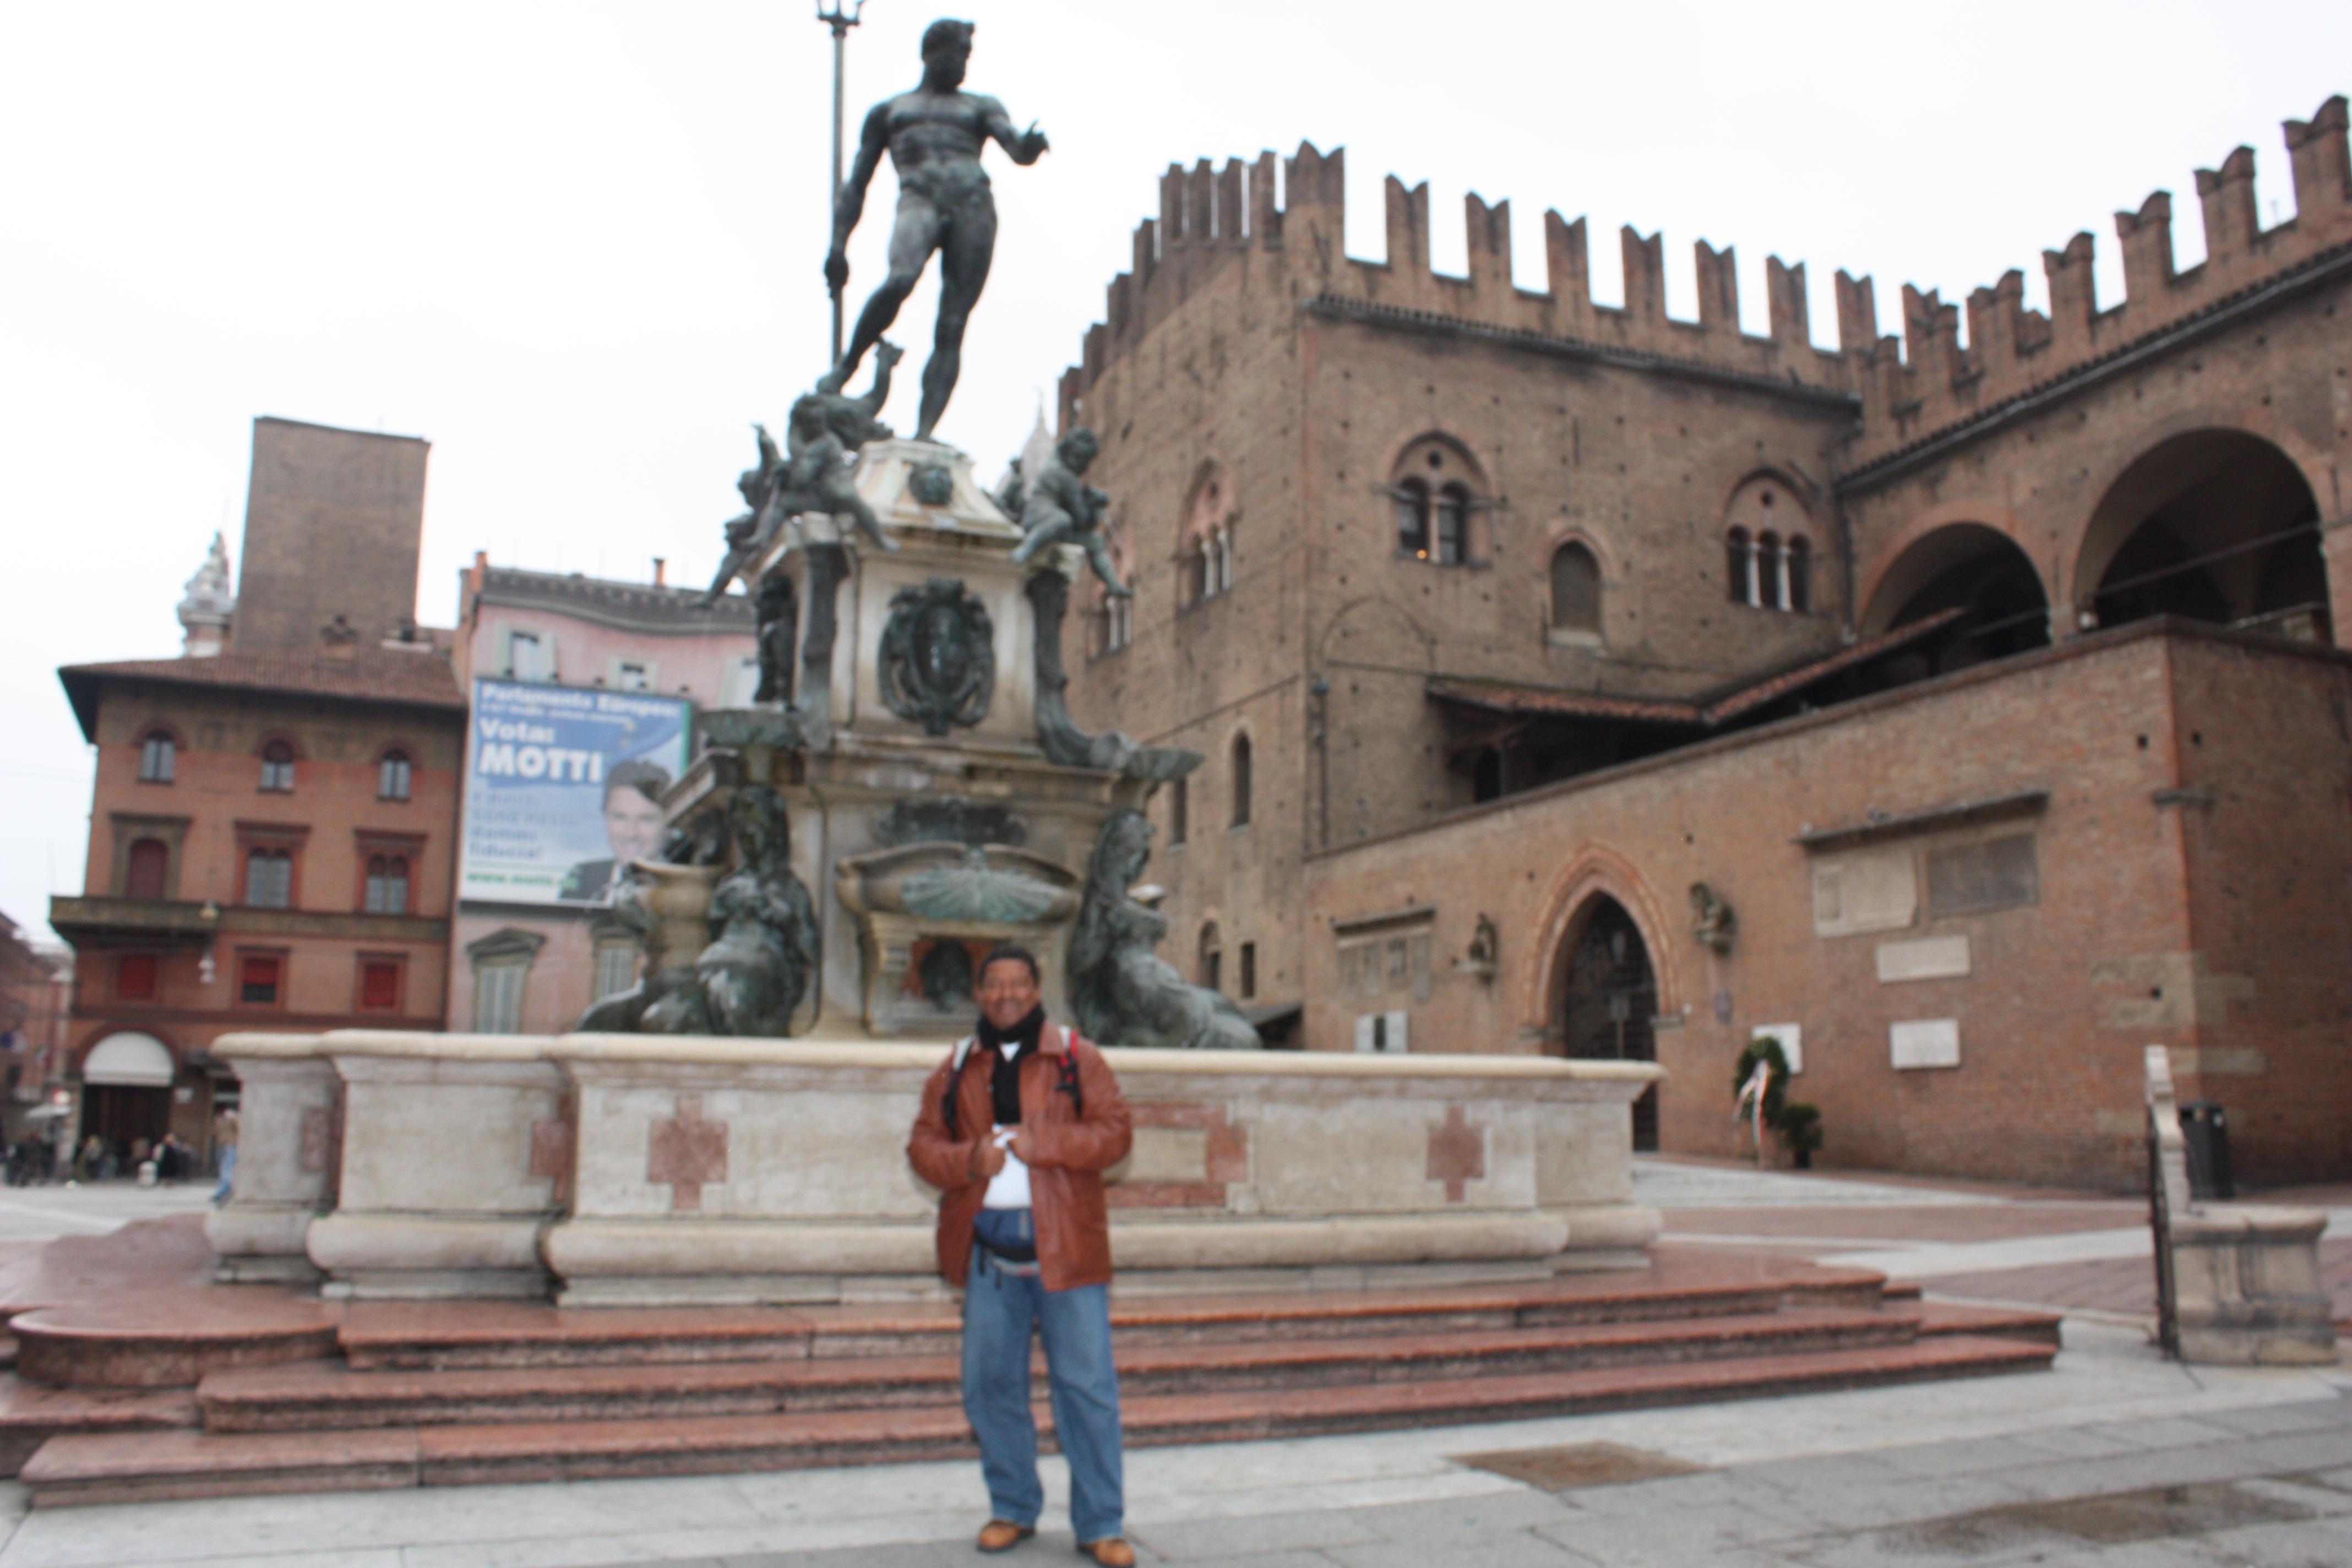 Este blogueiro na Piazza Del Nettuno; ao fundo, a estátua do escultor flamengo